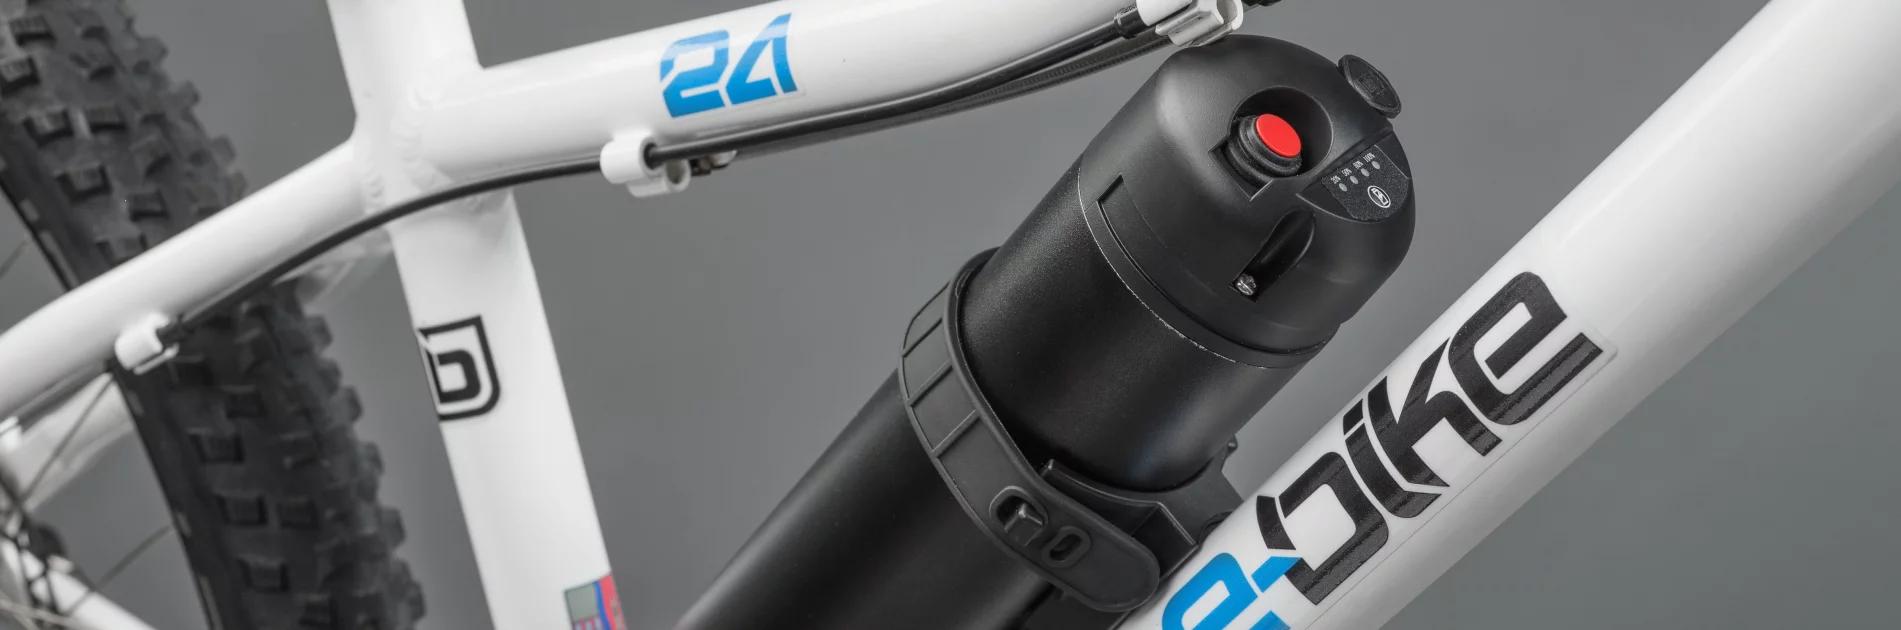 Der Akku des E-Bikes